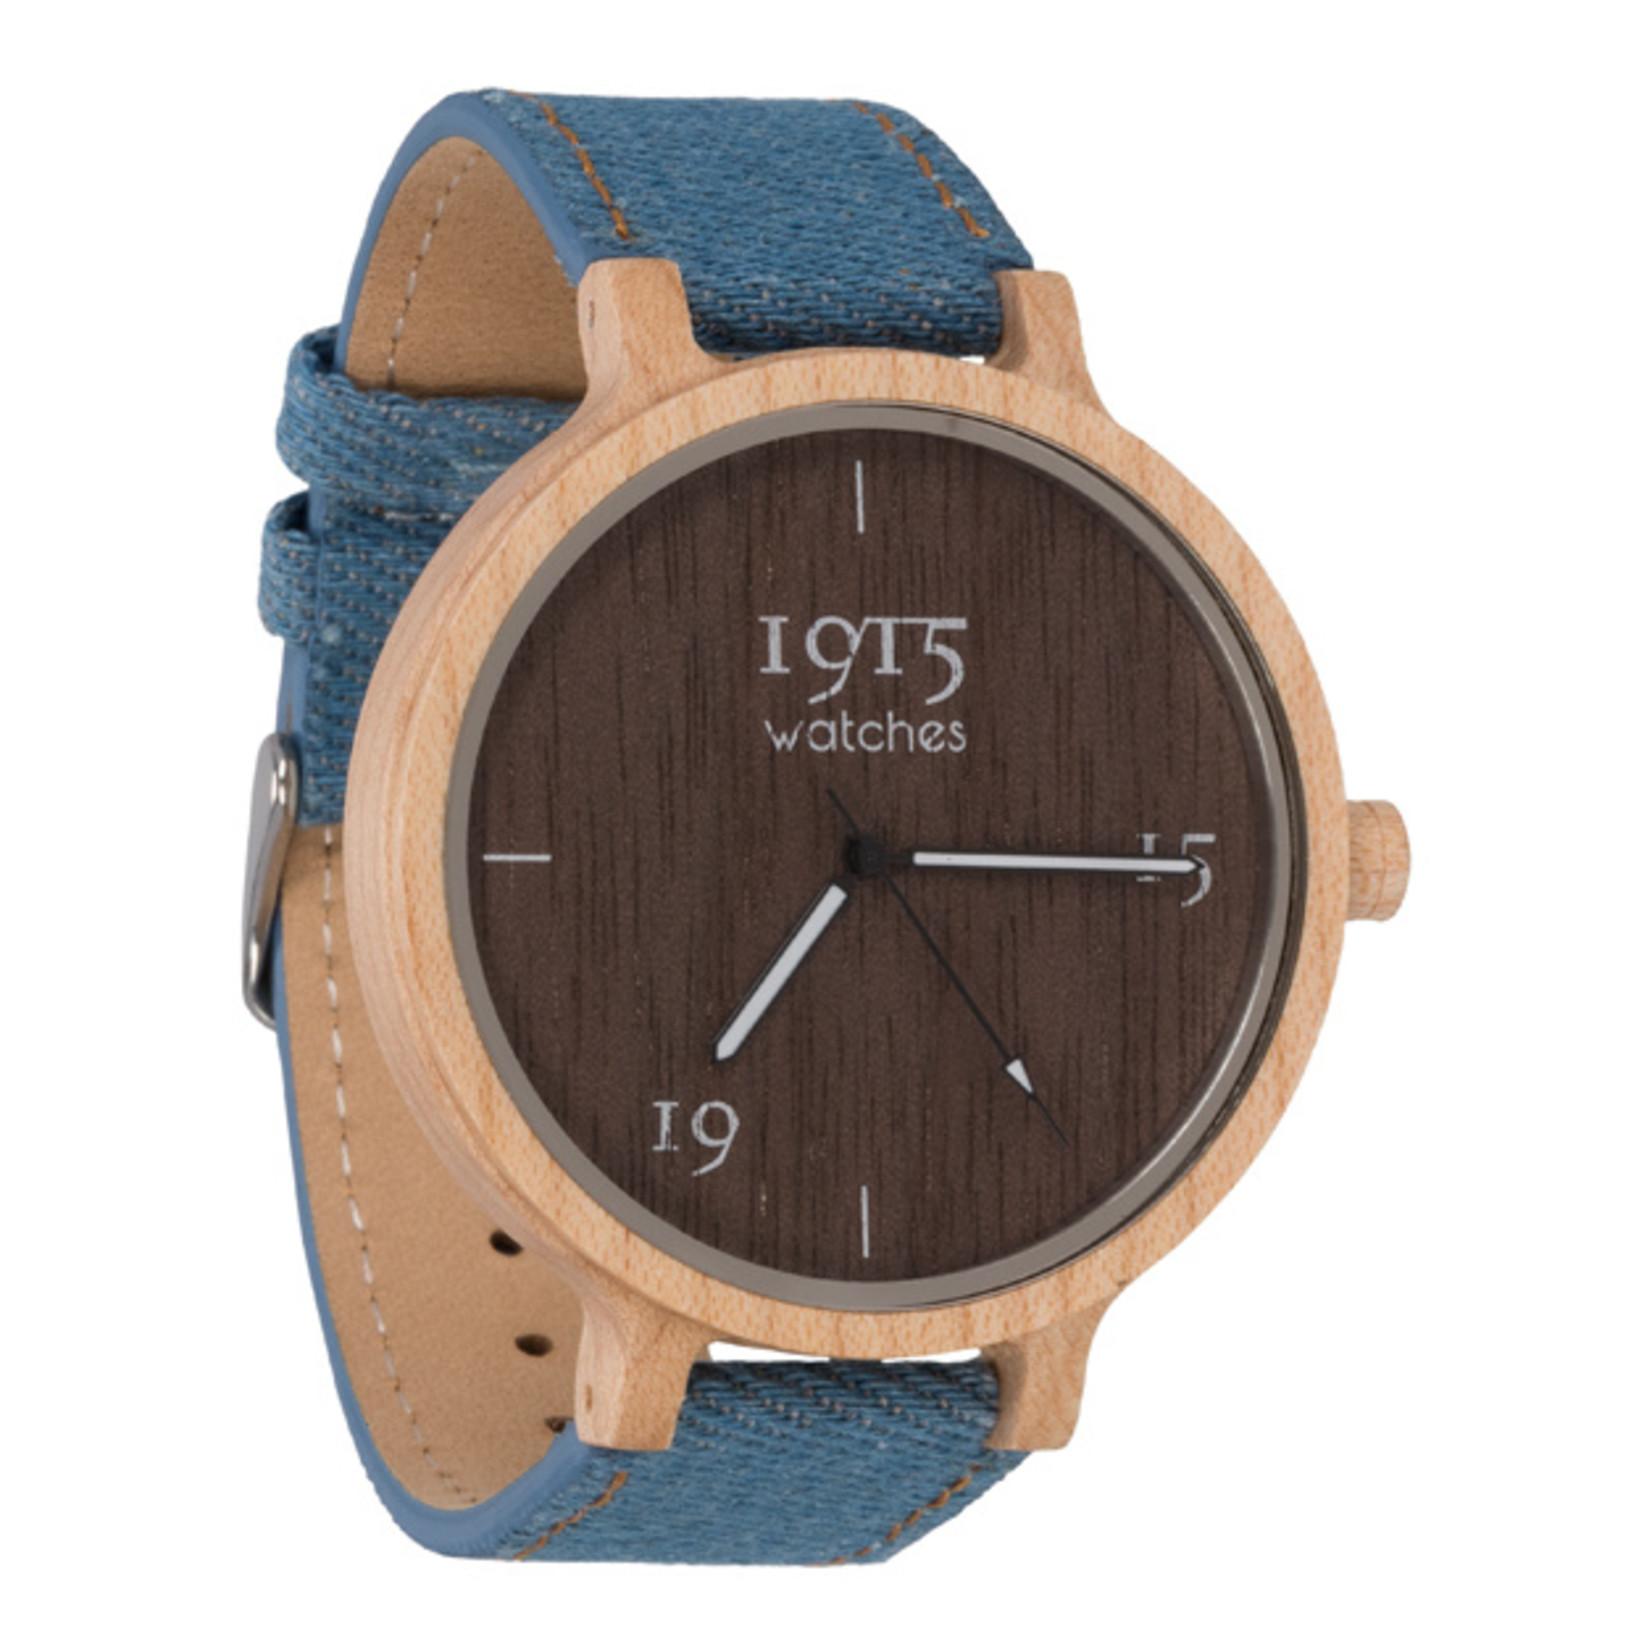 1915 watches 1915 watch men denim RAW | Houten heren horloge